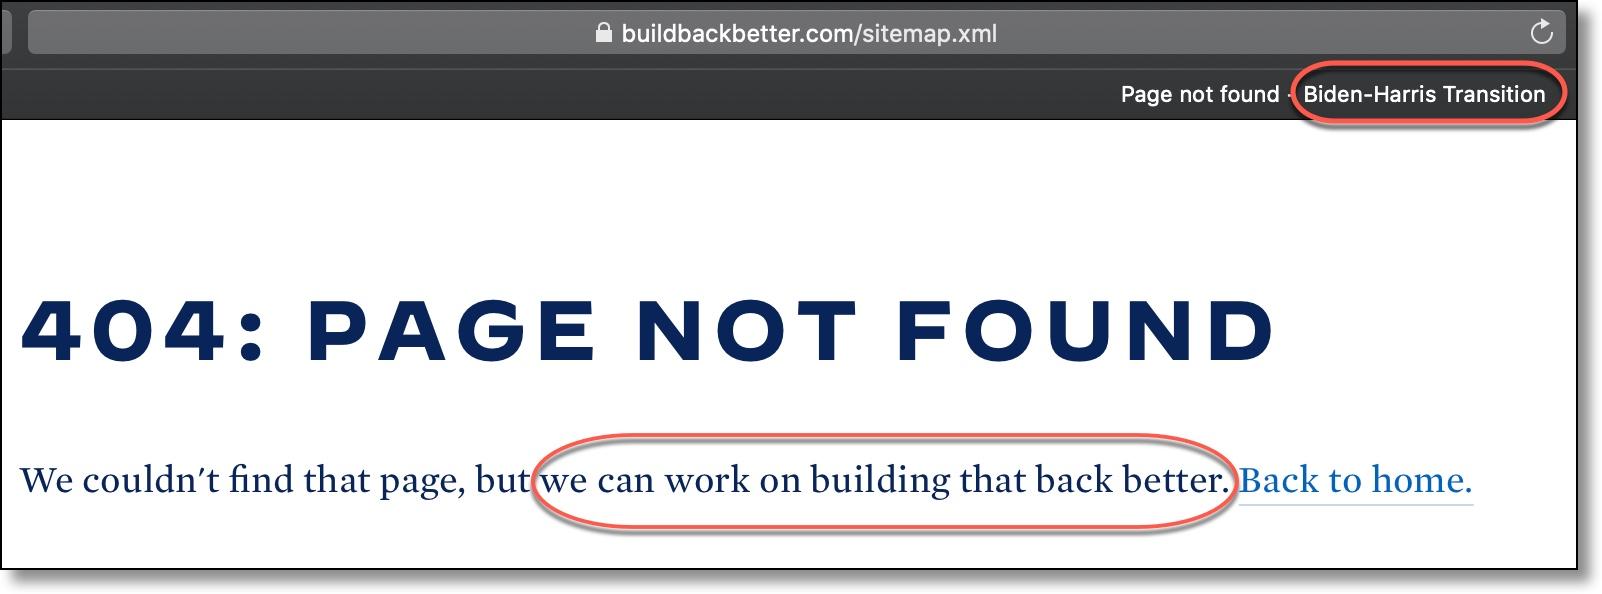 Biden Harris 404 Error Page Not Found